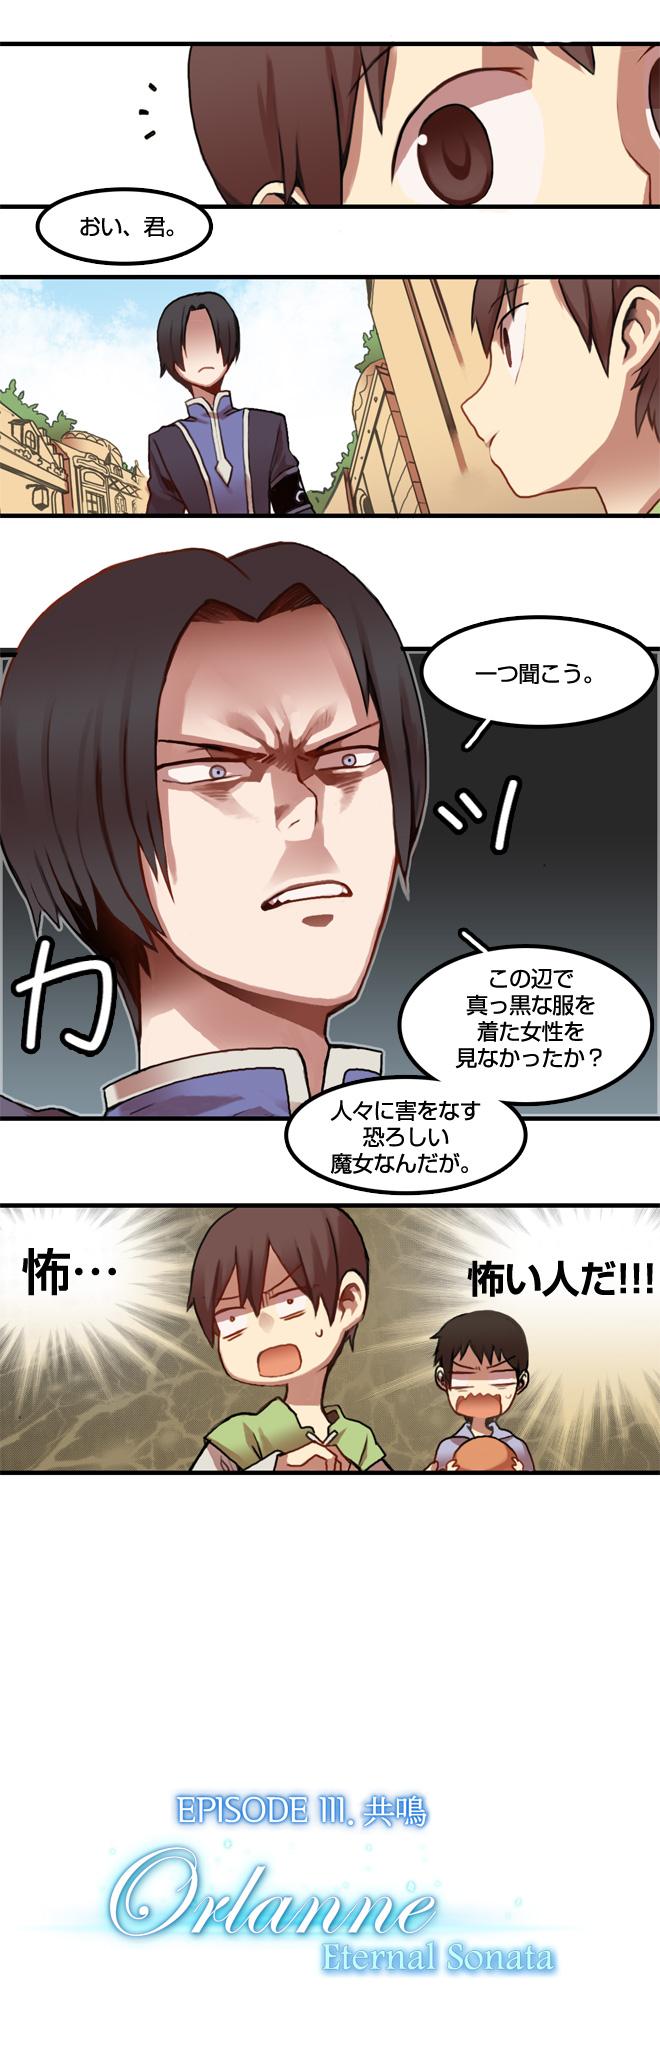 TW_Comic_3_20140827_002.jpg